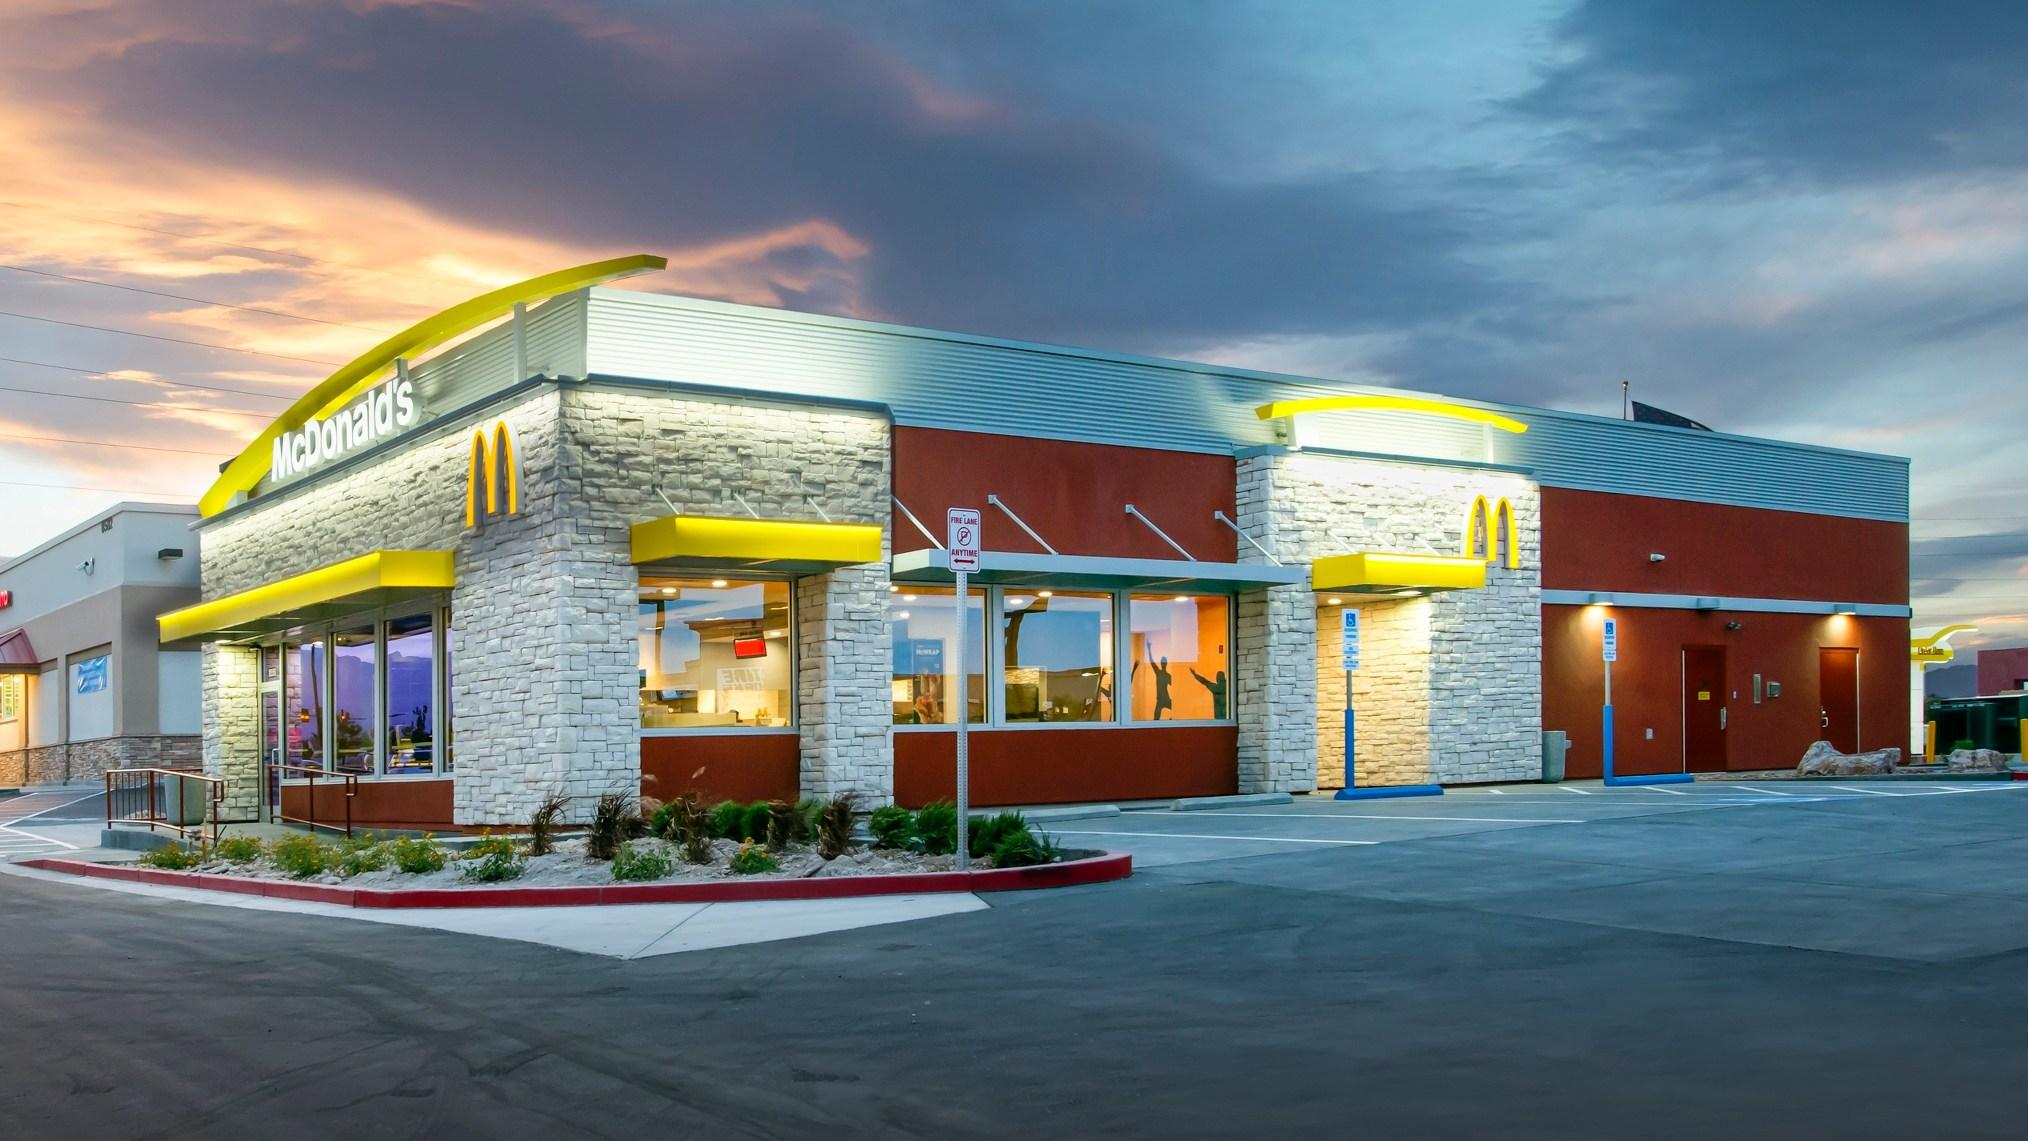 La tecnología digital de McDonald's será desarrollada, implementada y mantenida por Capgemini